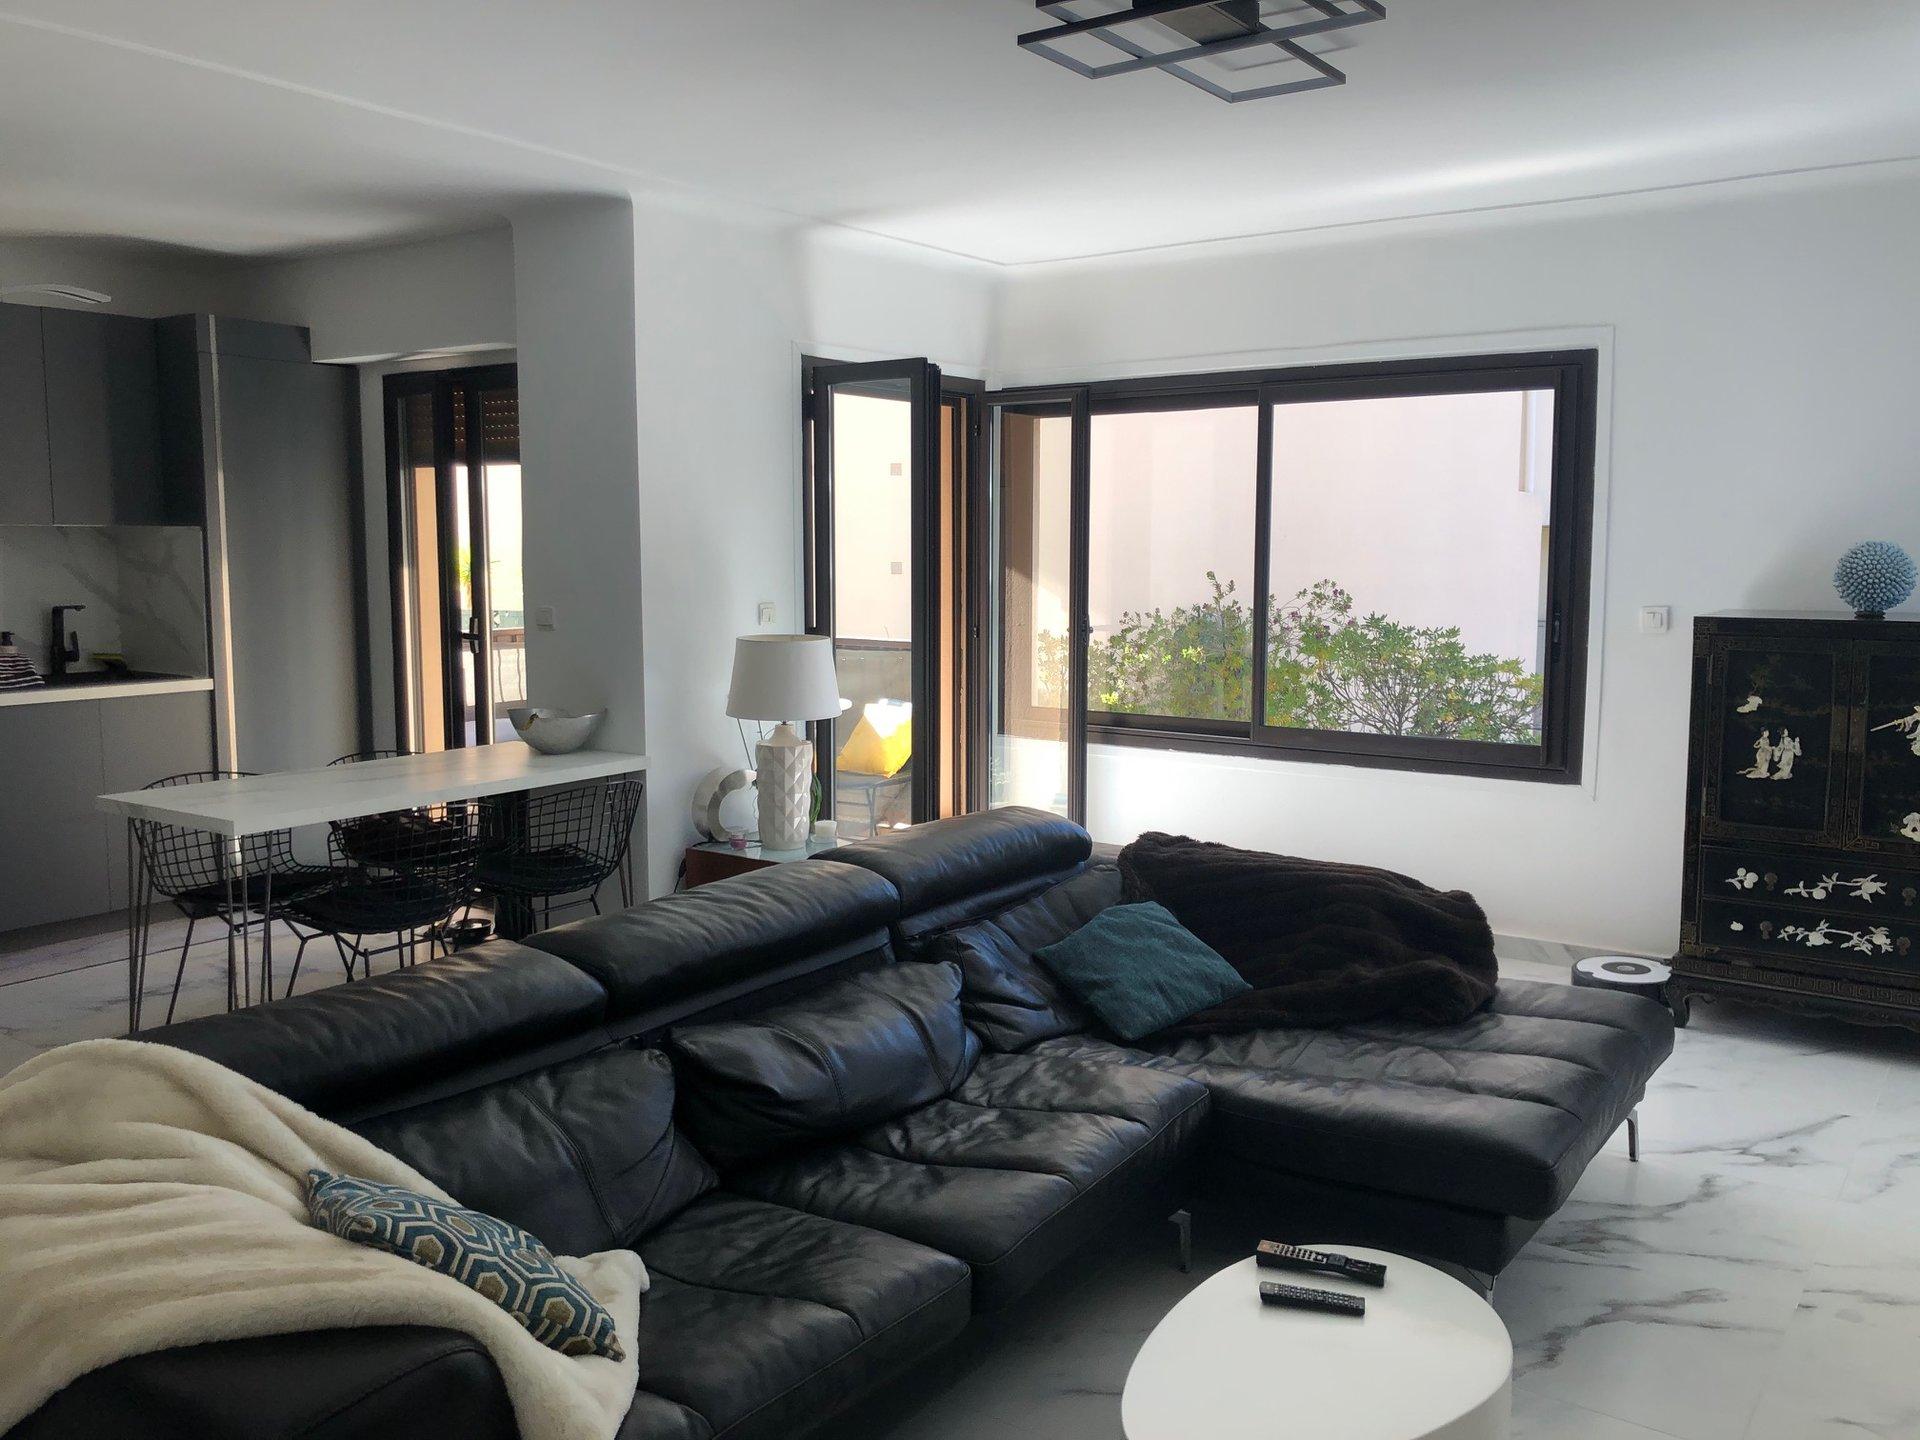 LE CANNET Magnifique appartement rénové